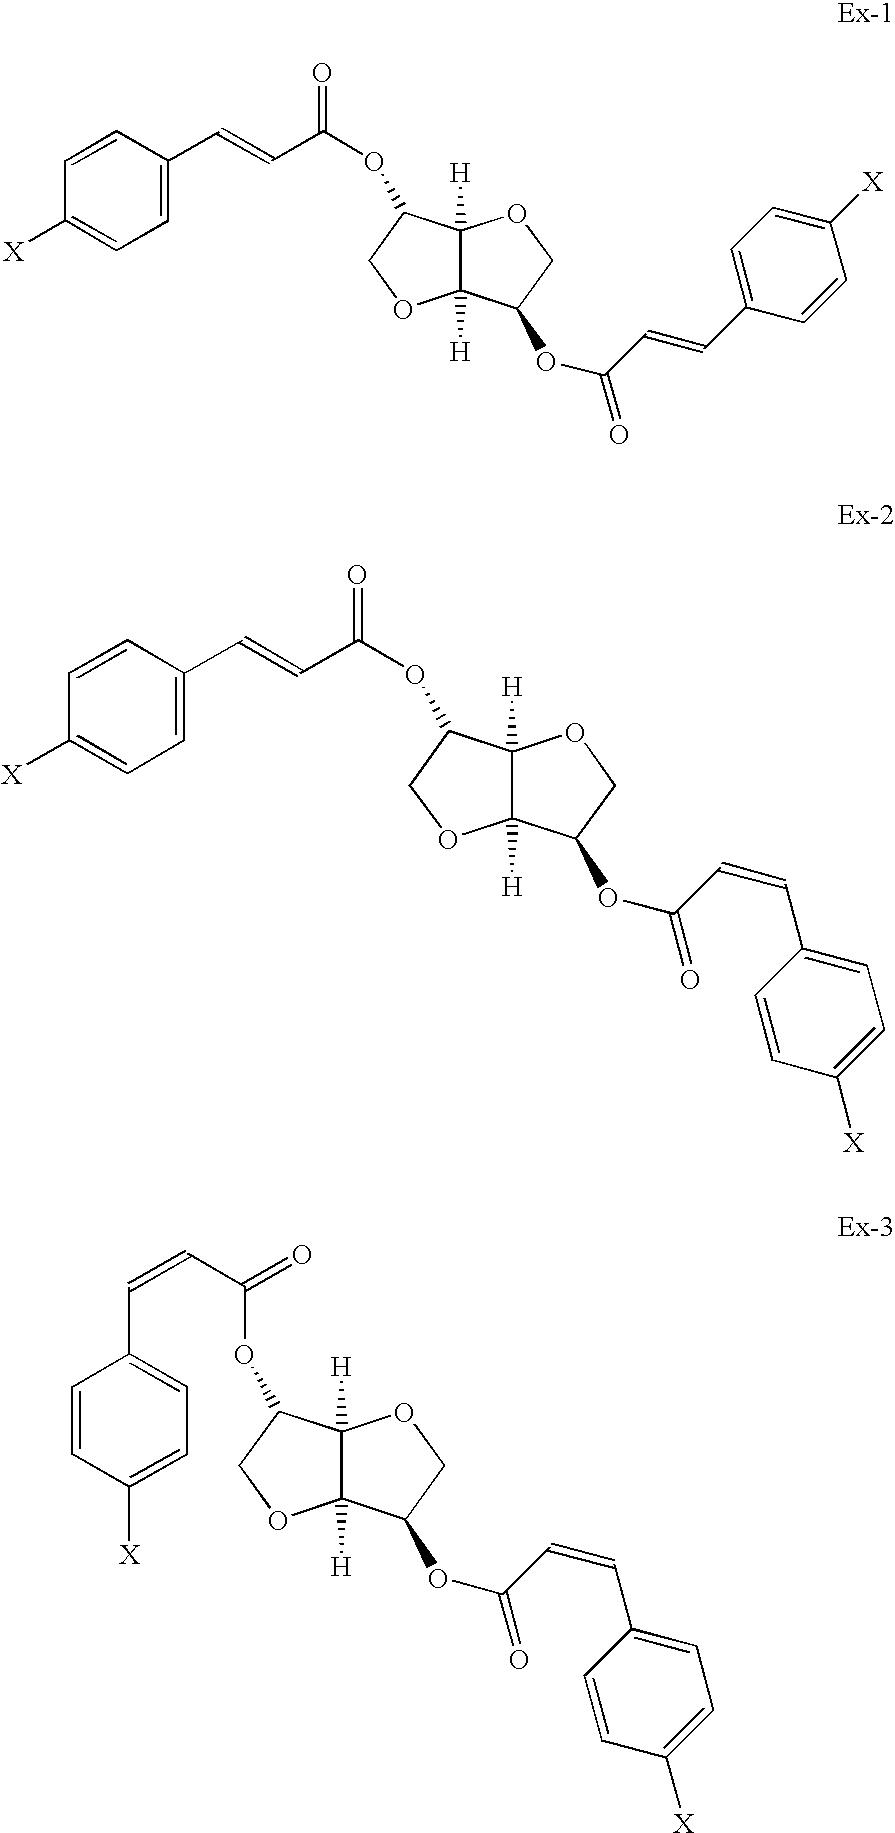 Figure US07470376-20081230-C00002